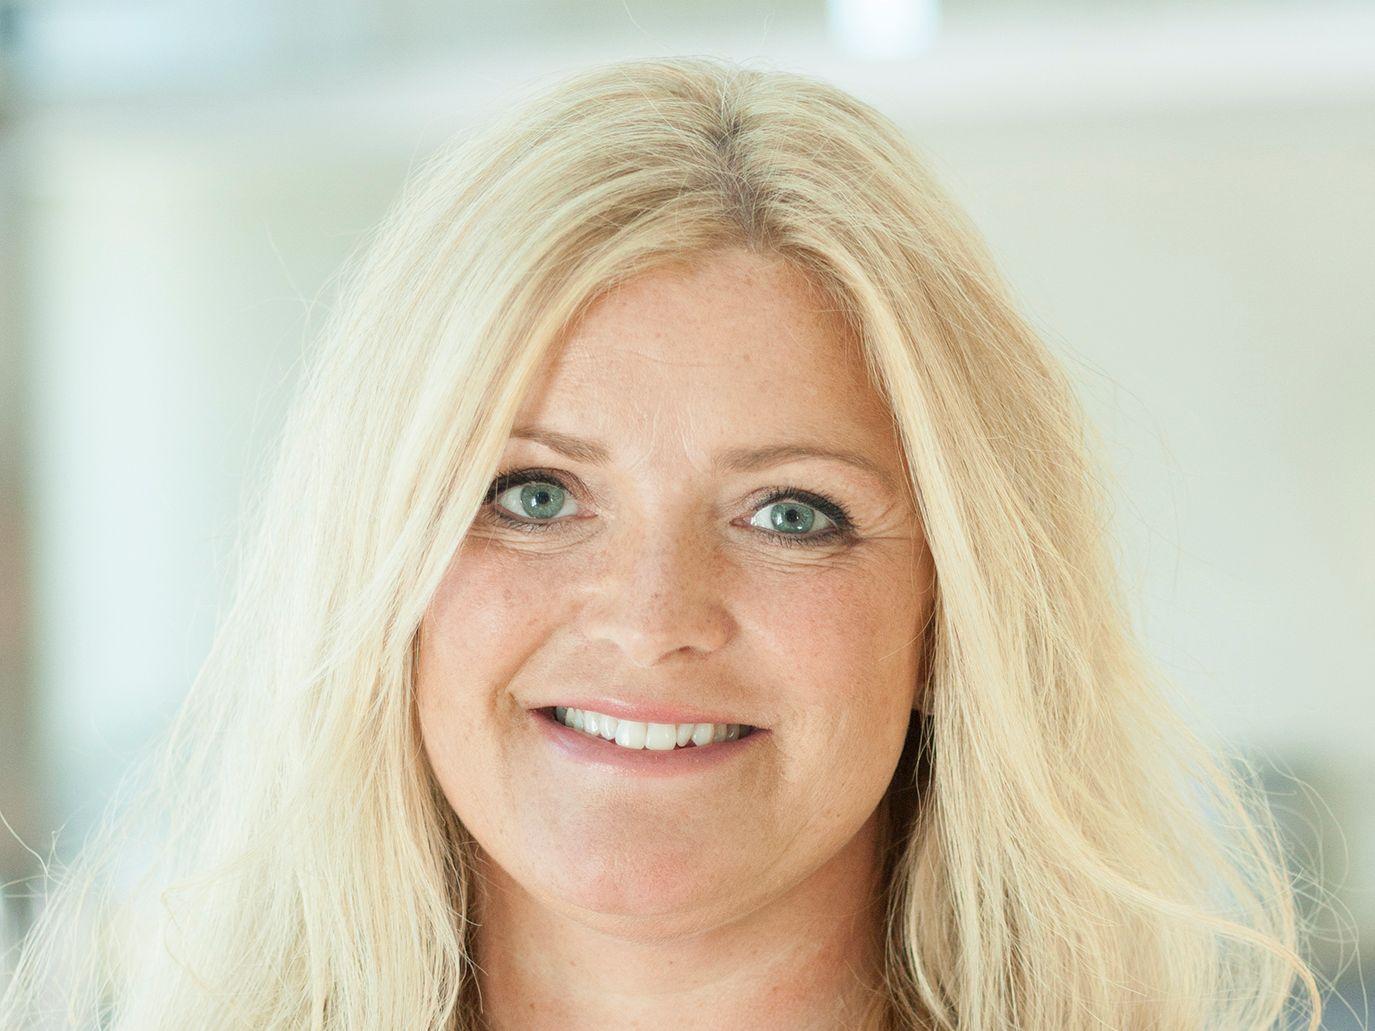 Norgessjef og partner Monica Ødegaard i PA Consulting.